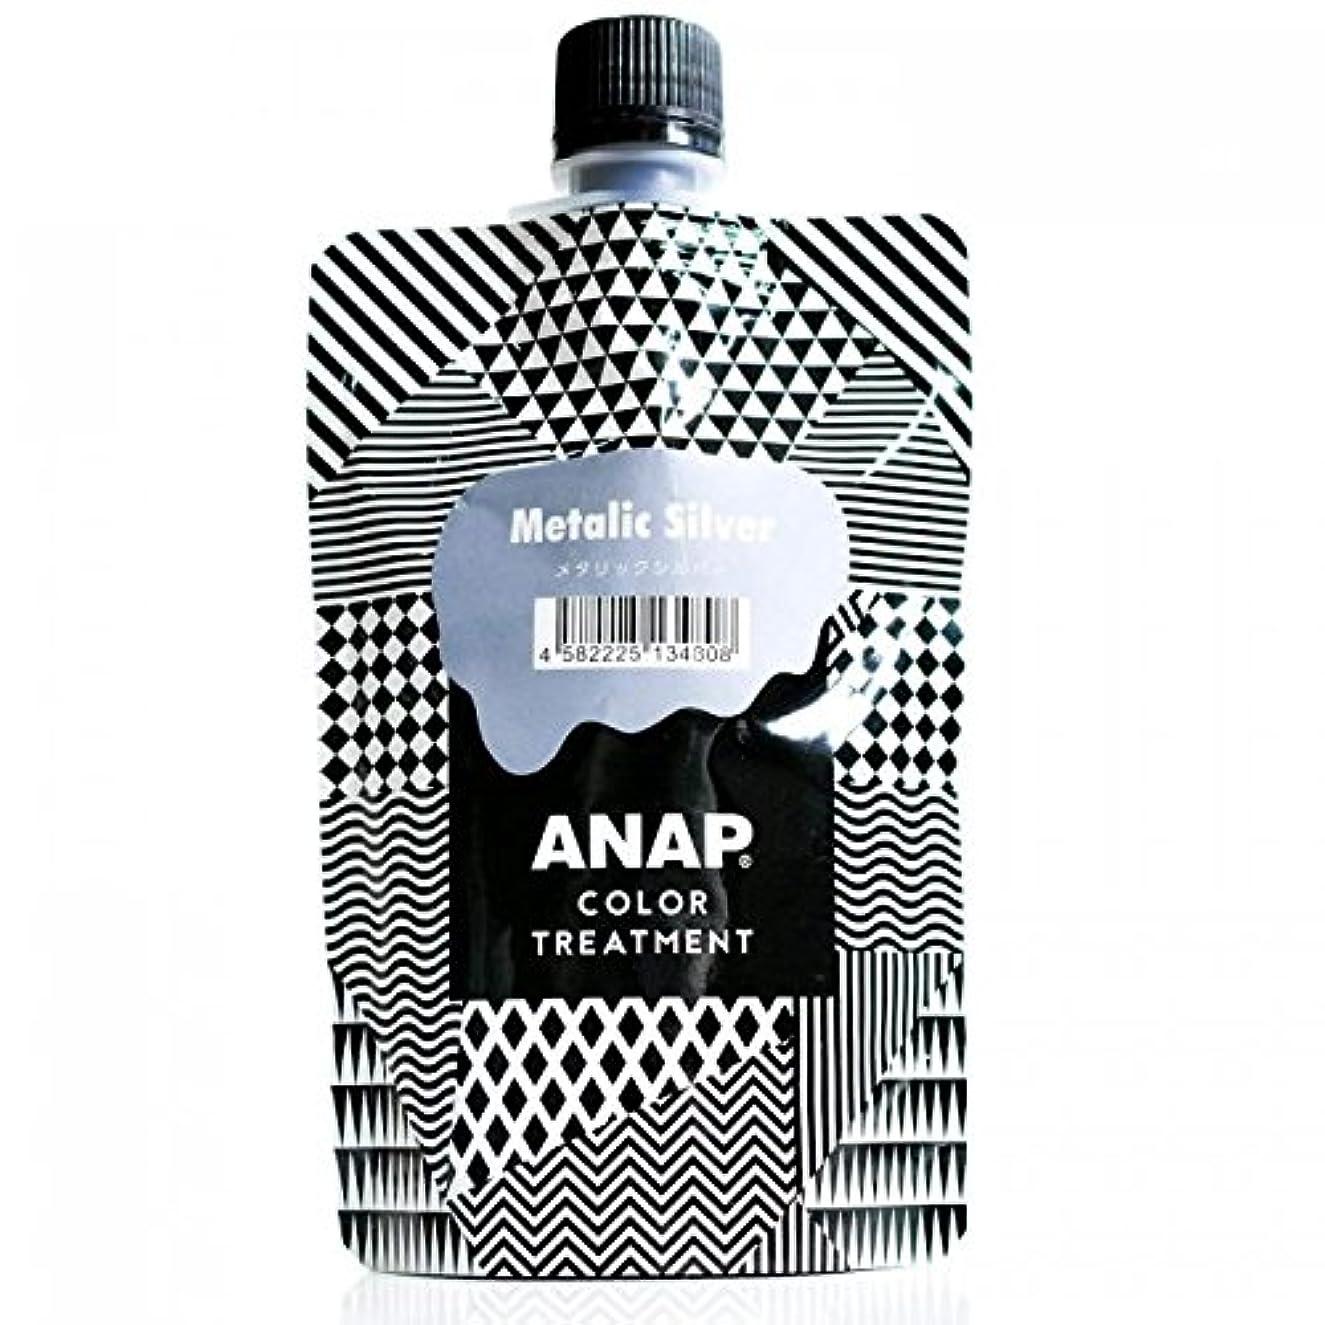 オン金属消費者ANAP カラートリートメント パウチ メタリックシルバー 150g